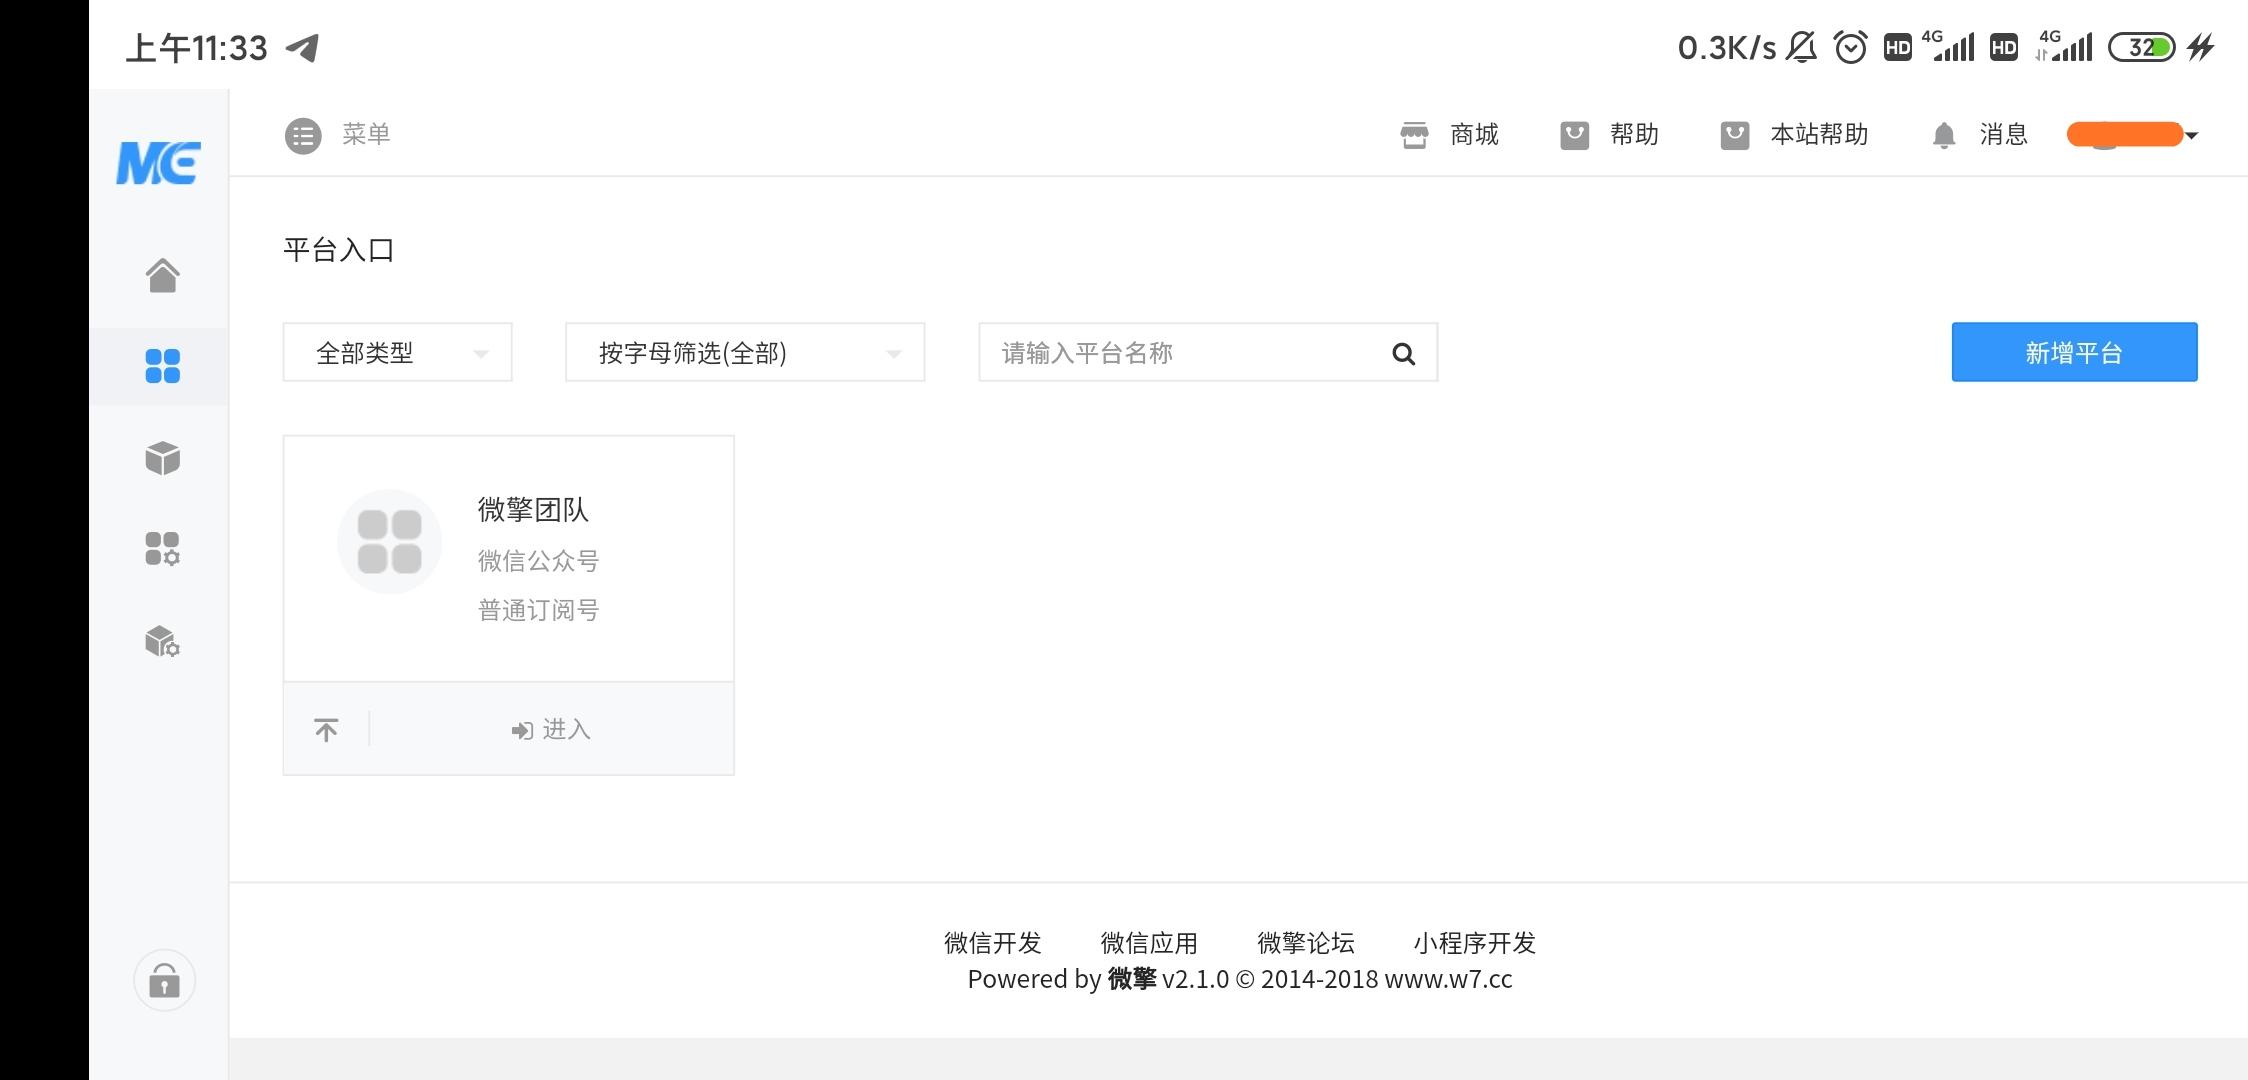 微擎2.1商业版/源码分享/附下载链接